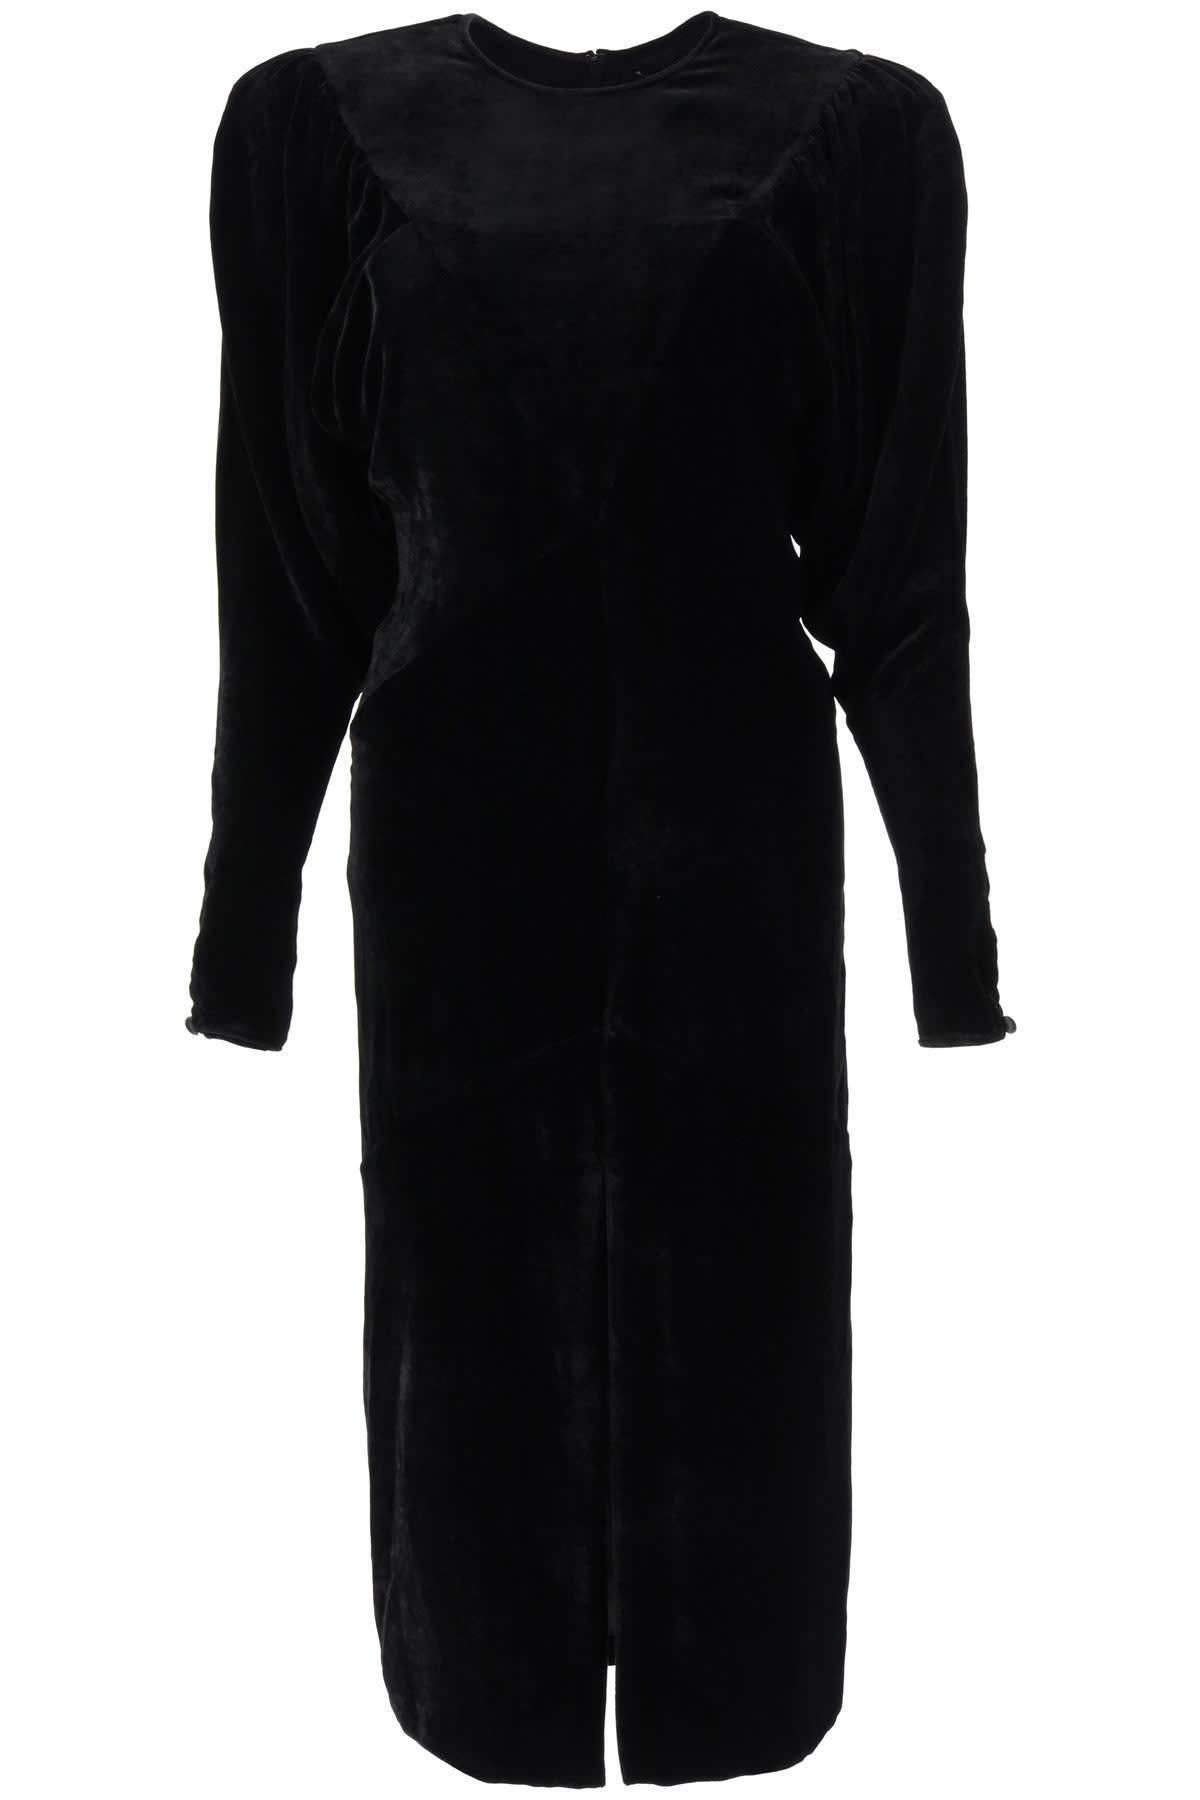 Isabel Marant Geniasi I Velvet Dress